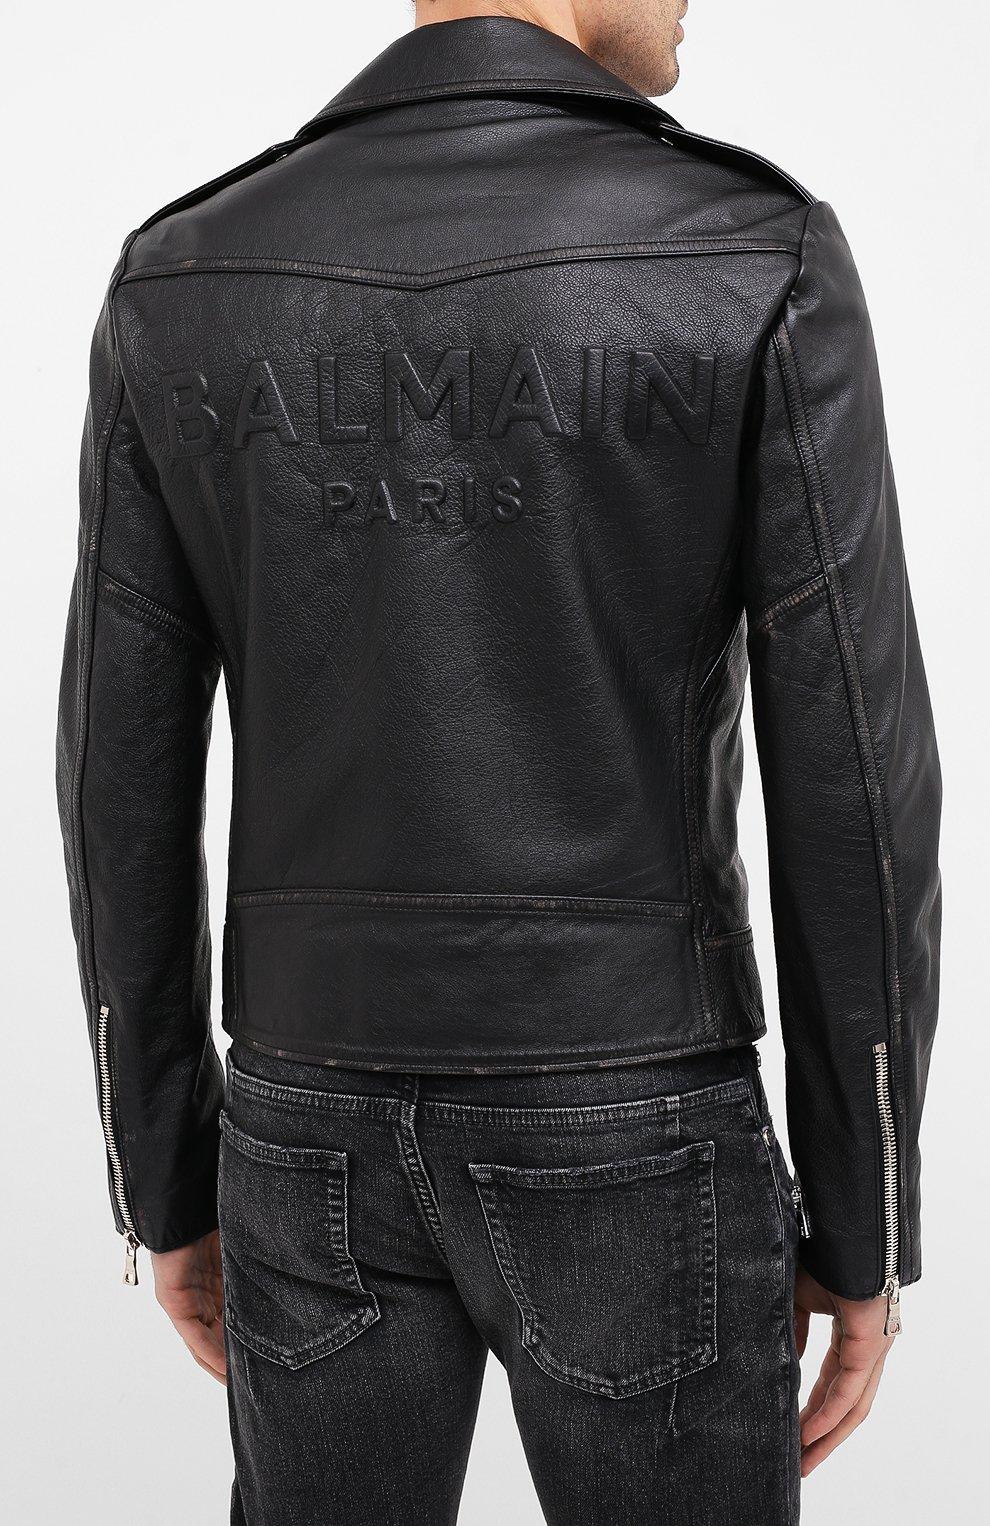 Мужская кожаная куртка BALMAIN черного цвета, арт. UH18137/Z307   Фото 4 (Кросс-КТ: Куртка; Рукава: Длинные; Мужское Кросс-КТ: Верхняя одежда, Кожа и замша; Длина (верхняя одежда): Короткие; Материал подклада: Хлопок)